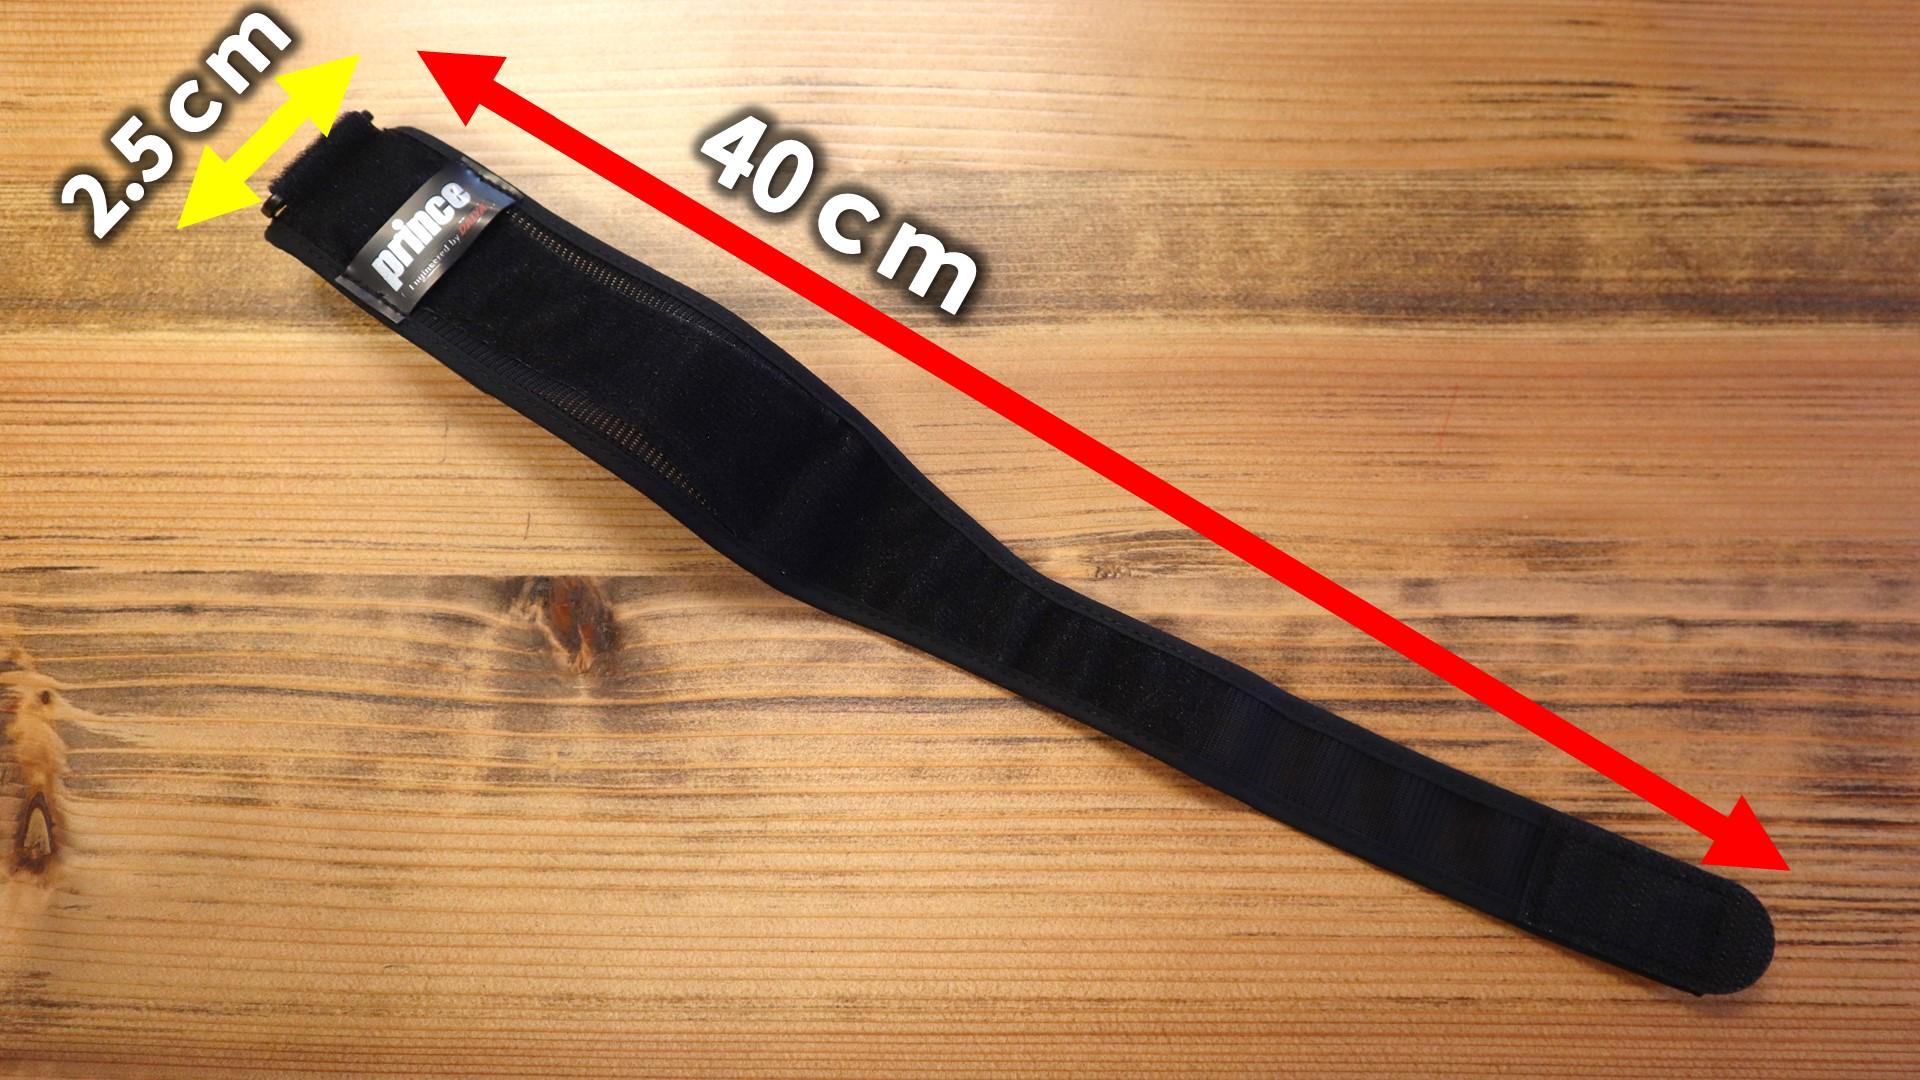 全長は40cm、幅は2.5cm